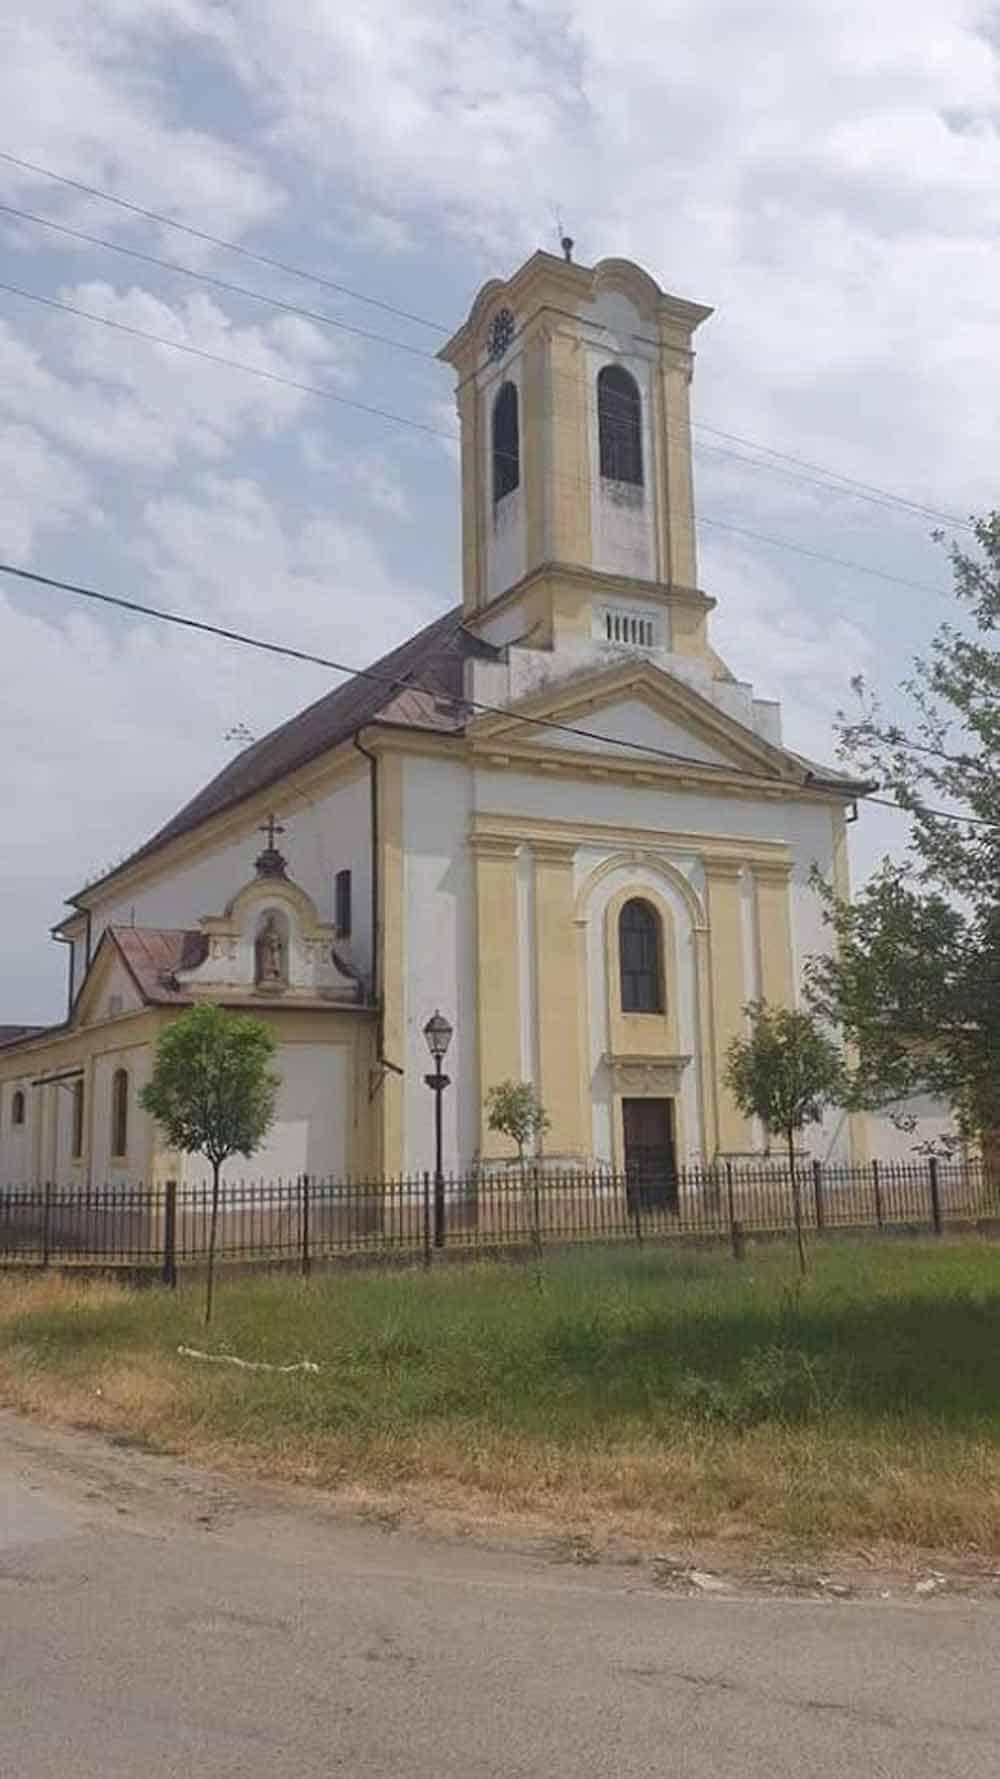 SAČUVANA: Katolična crkva u Bačkom Brestovcu